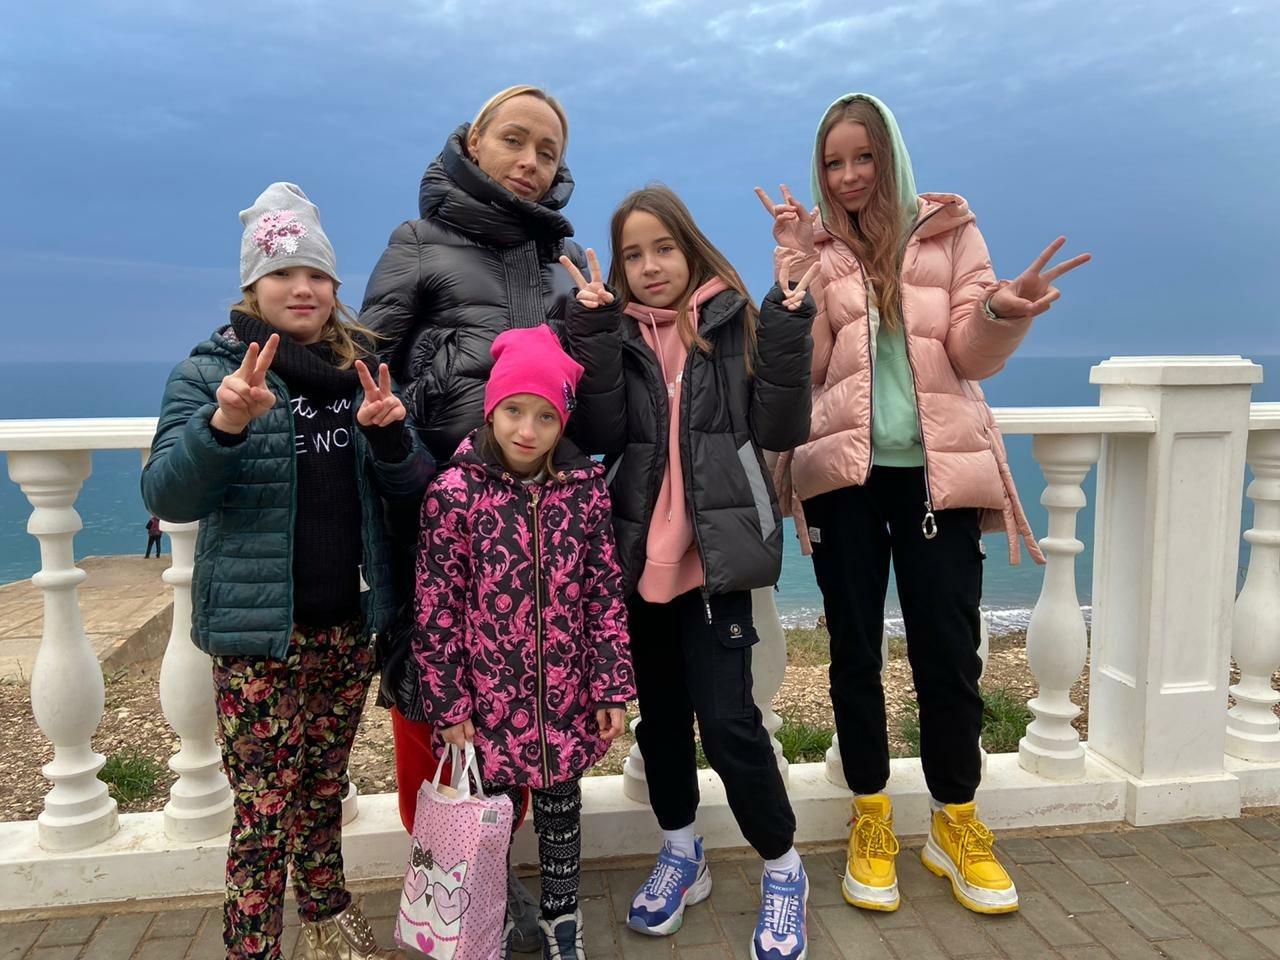 Слева направо: Элона, Ксения, Анна Повальчук, Полина, Лера